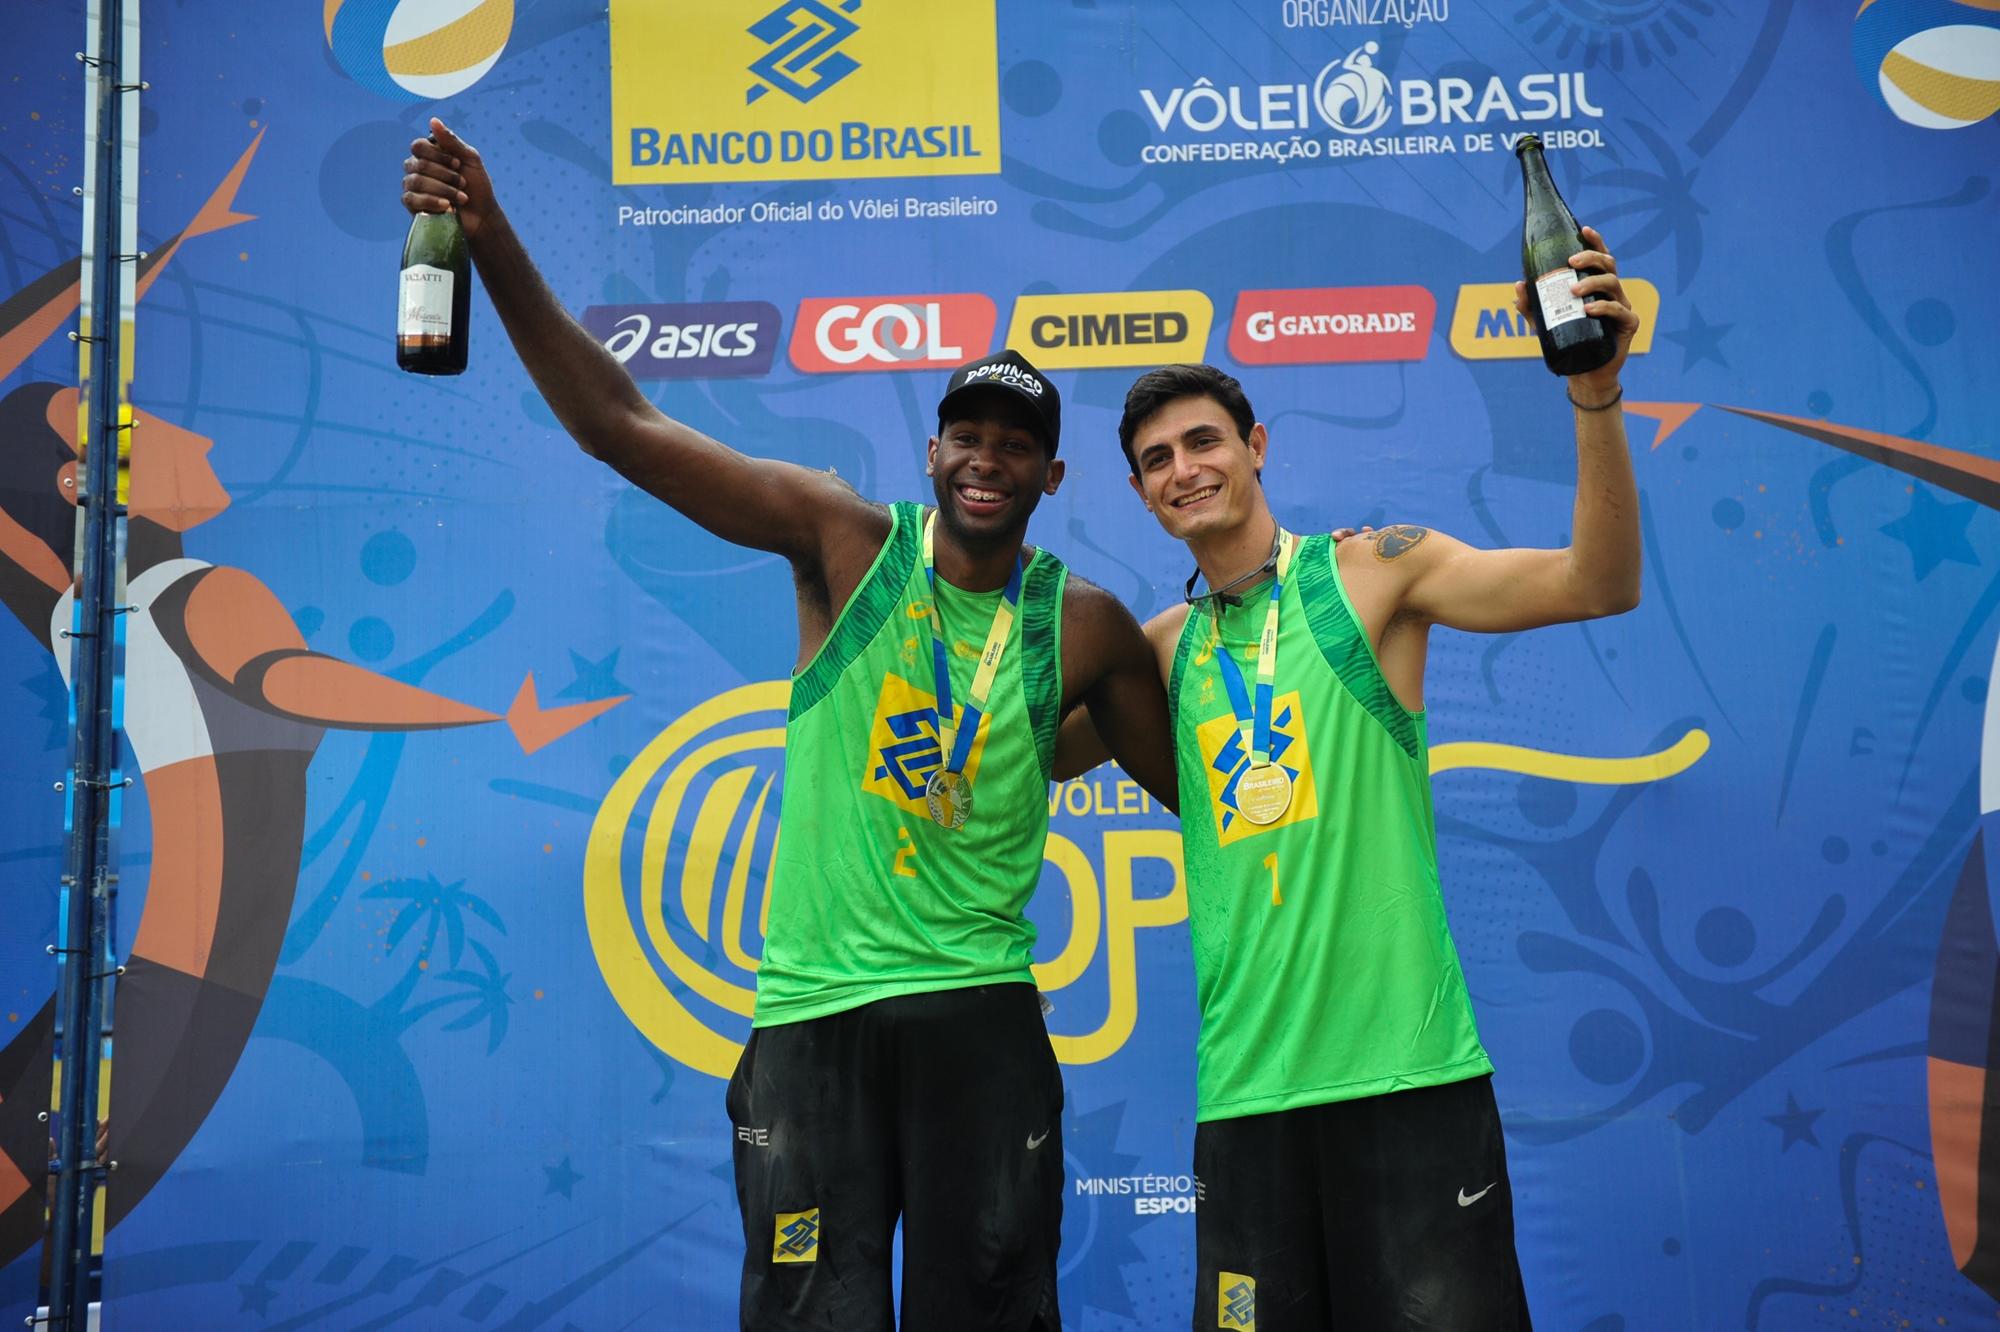 Campeões mundiais Evandro e André encerram ano perfeito com ouro em Itapema (SC)